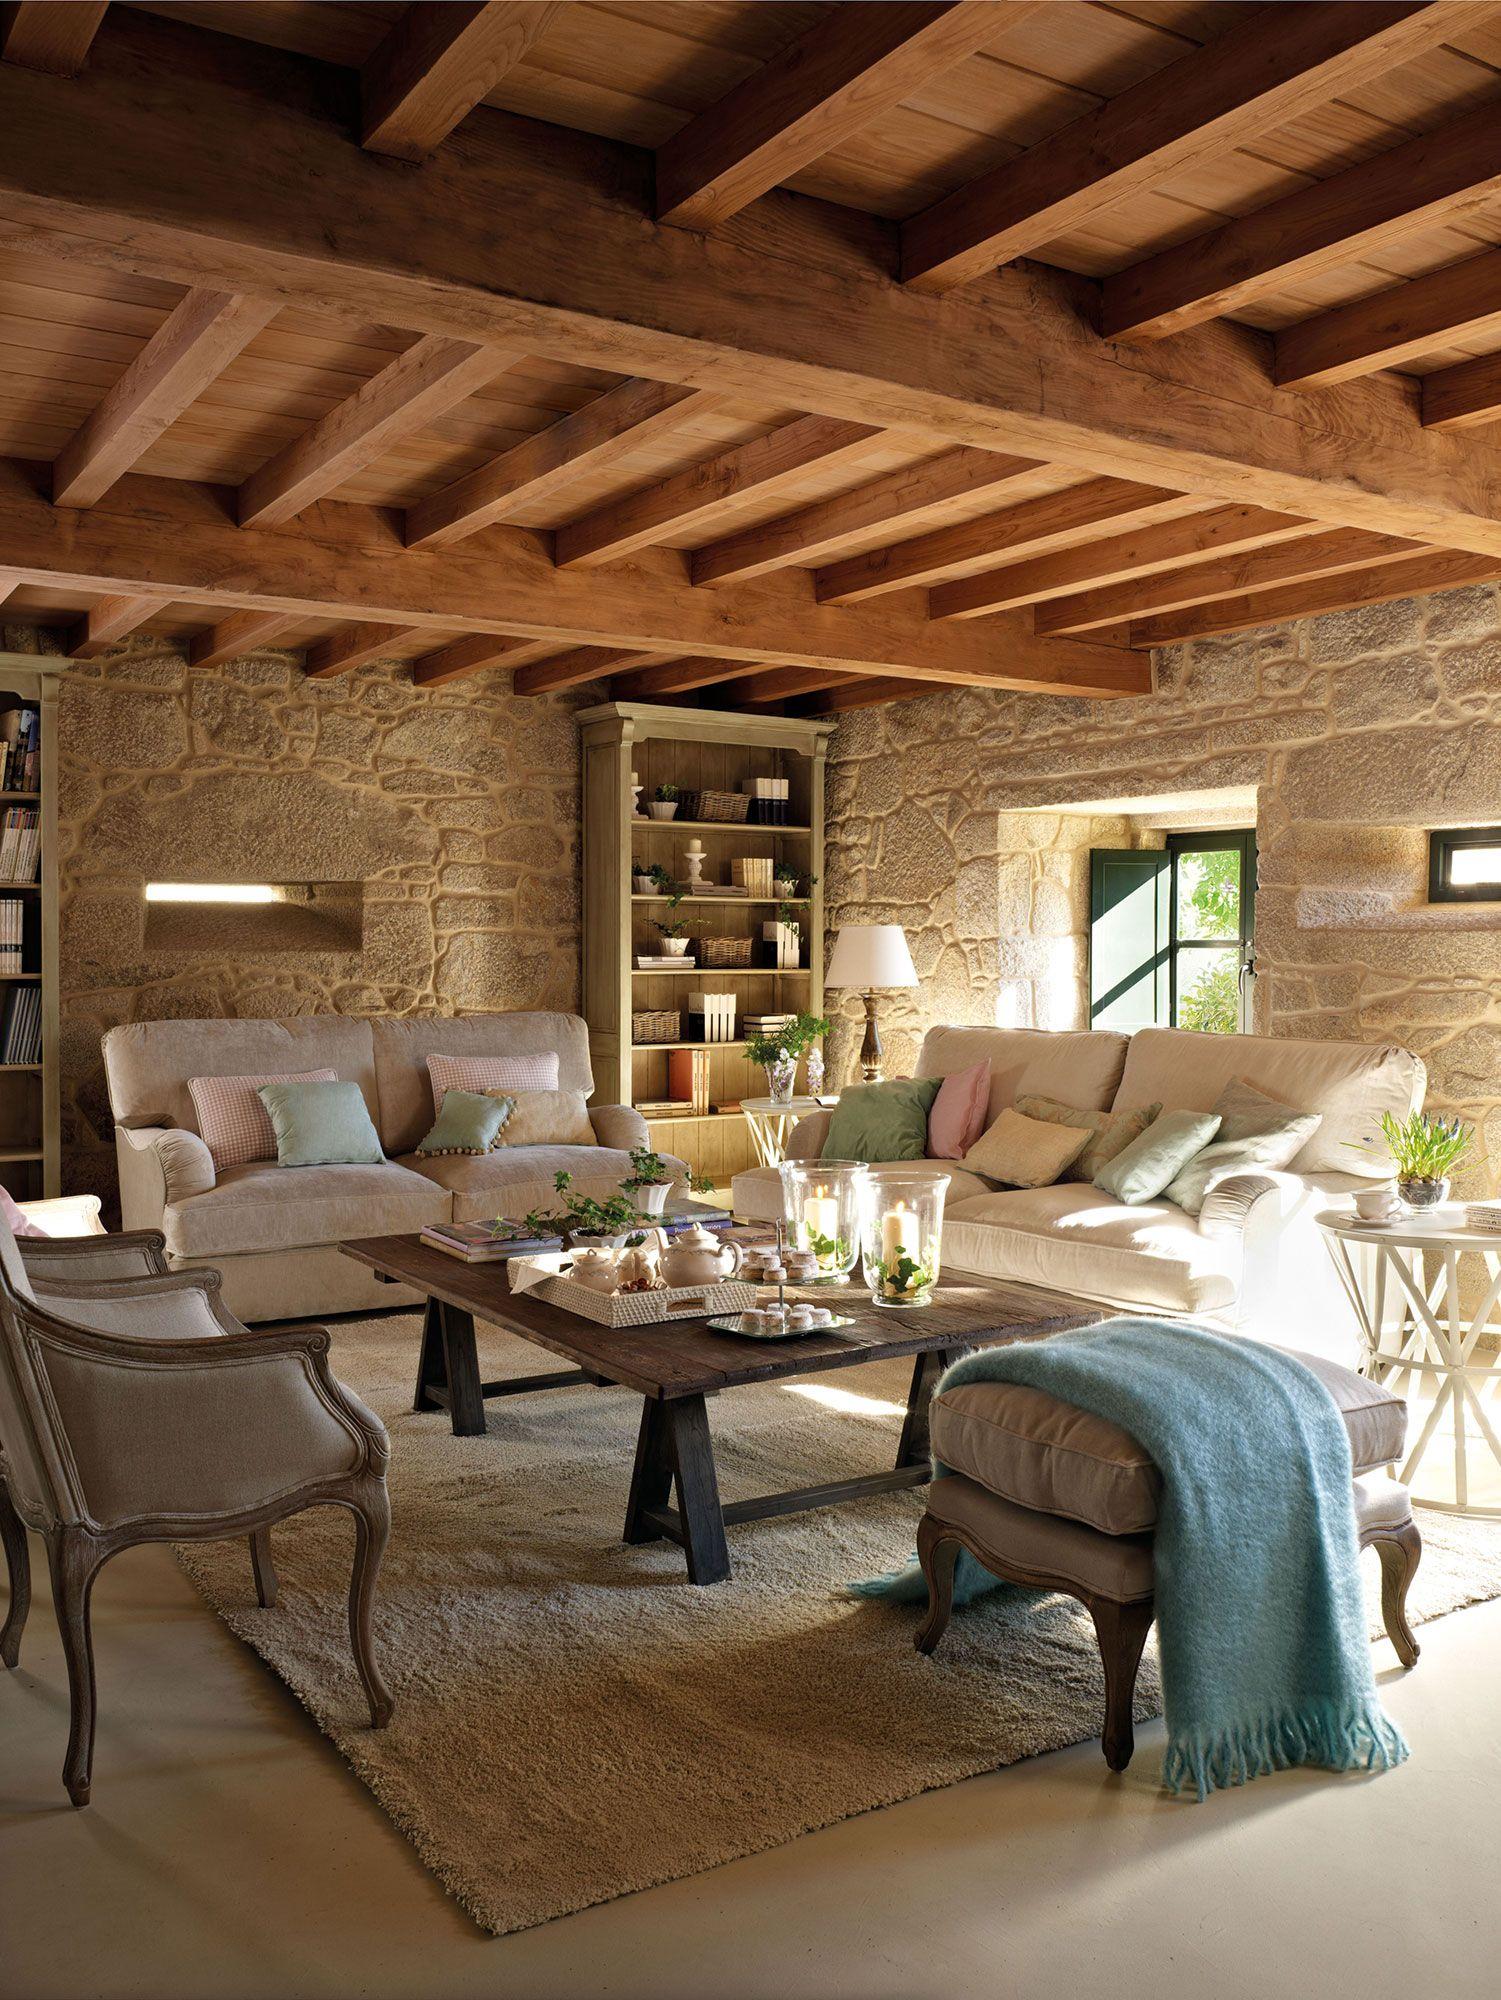 Pin de maria julia llano en living room pinterest - Salones rusticos ikea ...